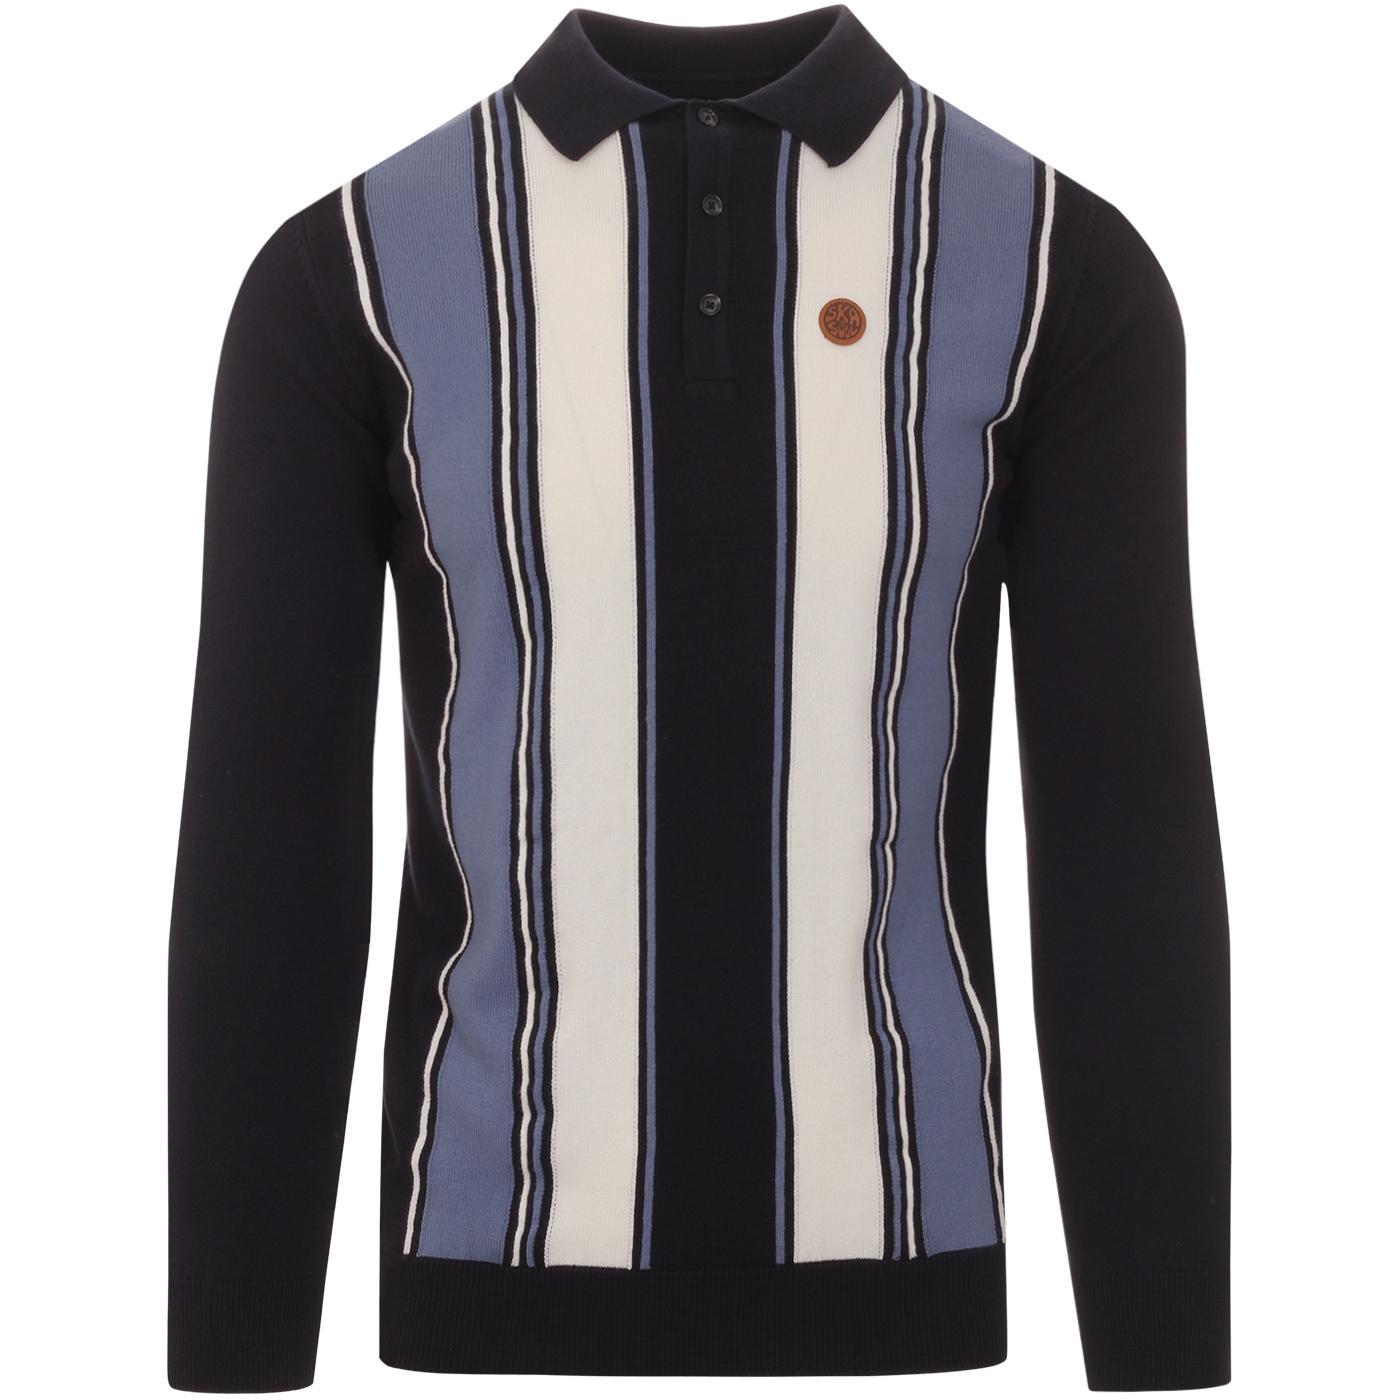 SKA & SOUL 60s Mod Stripe Front Knit Polo Top NAVY